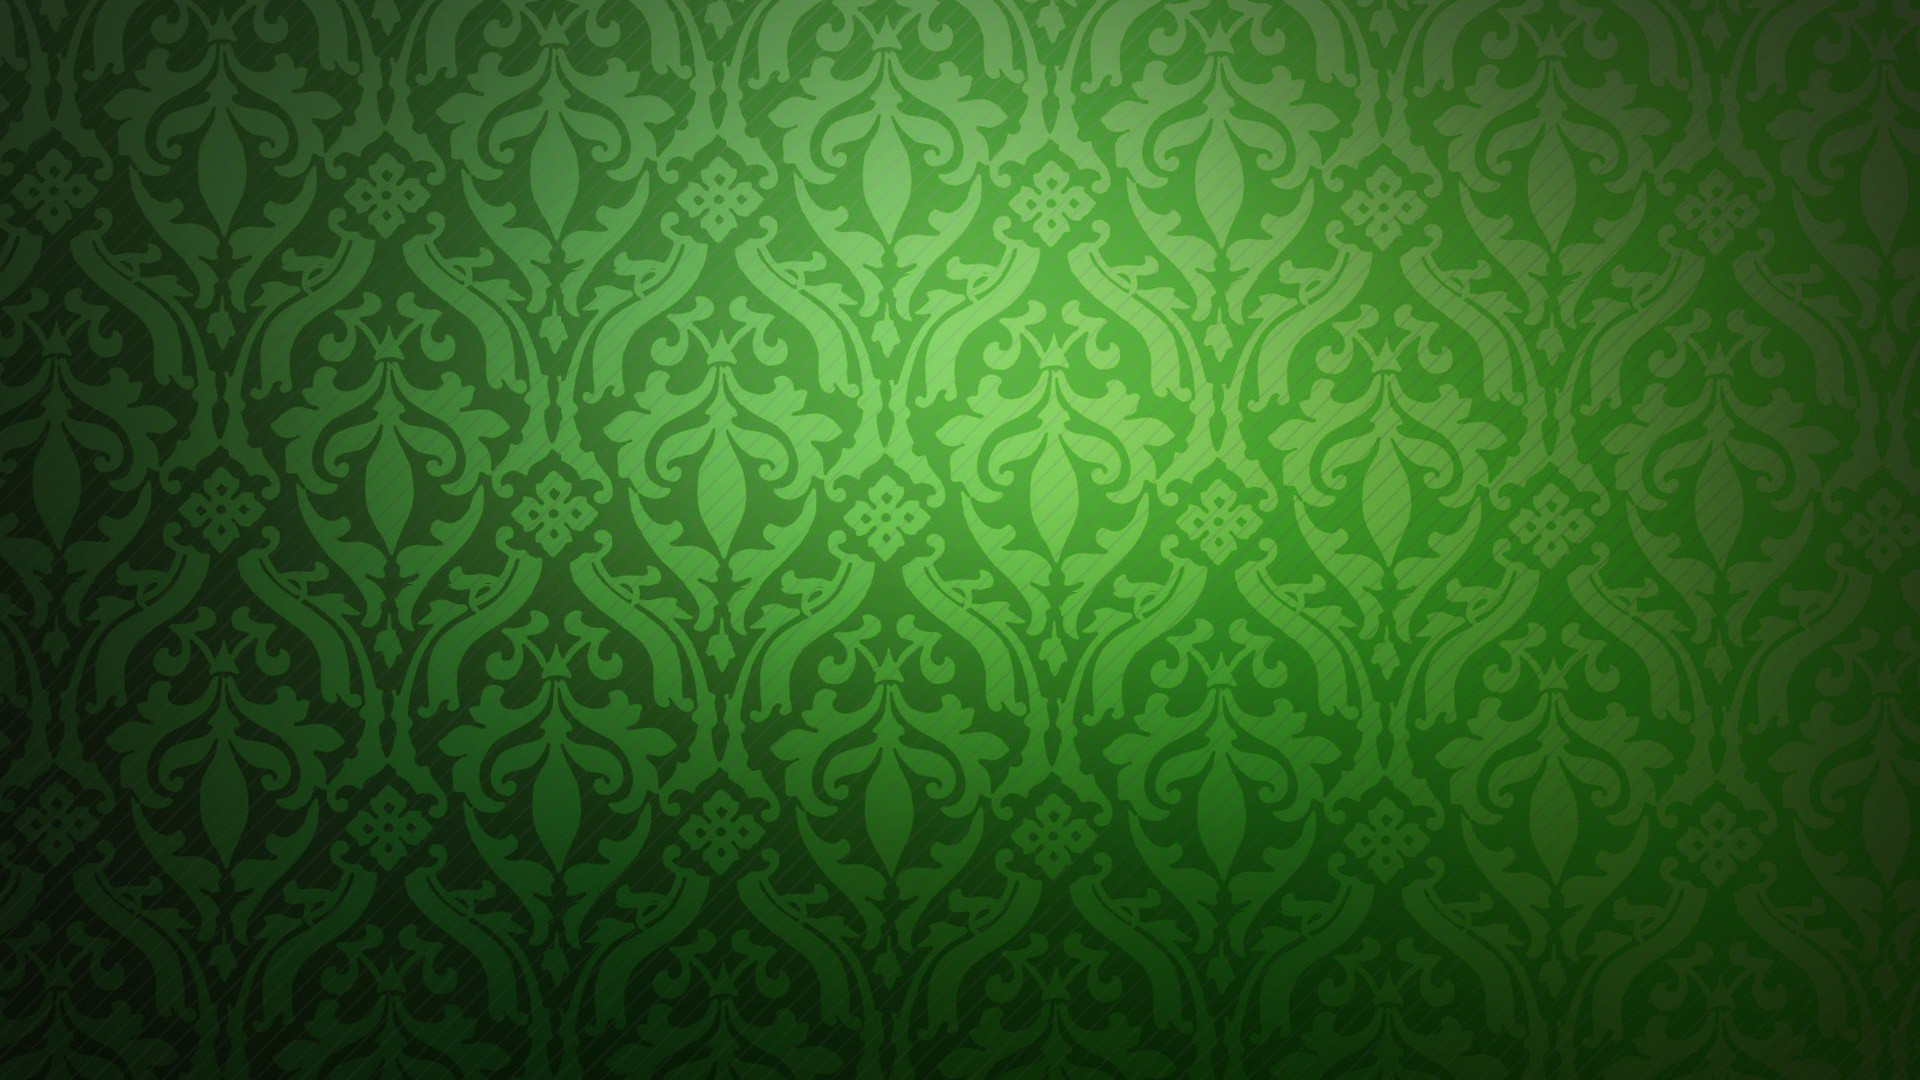 Emerald Wallpaper Hd 74 Images